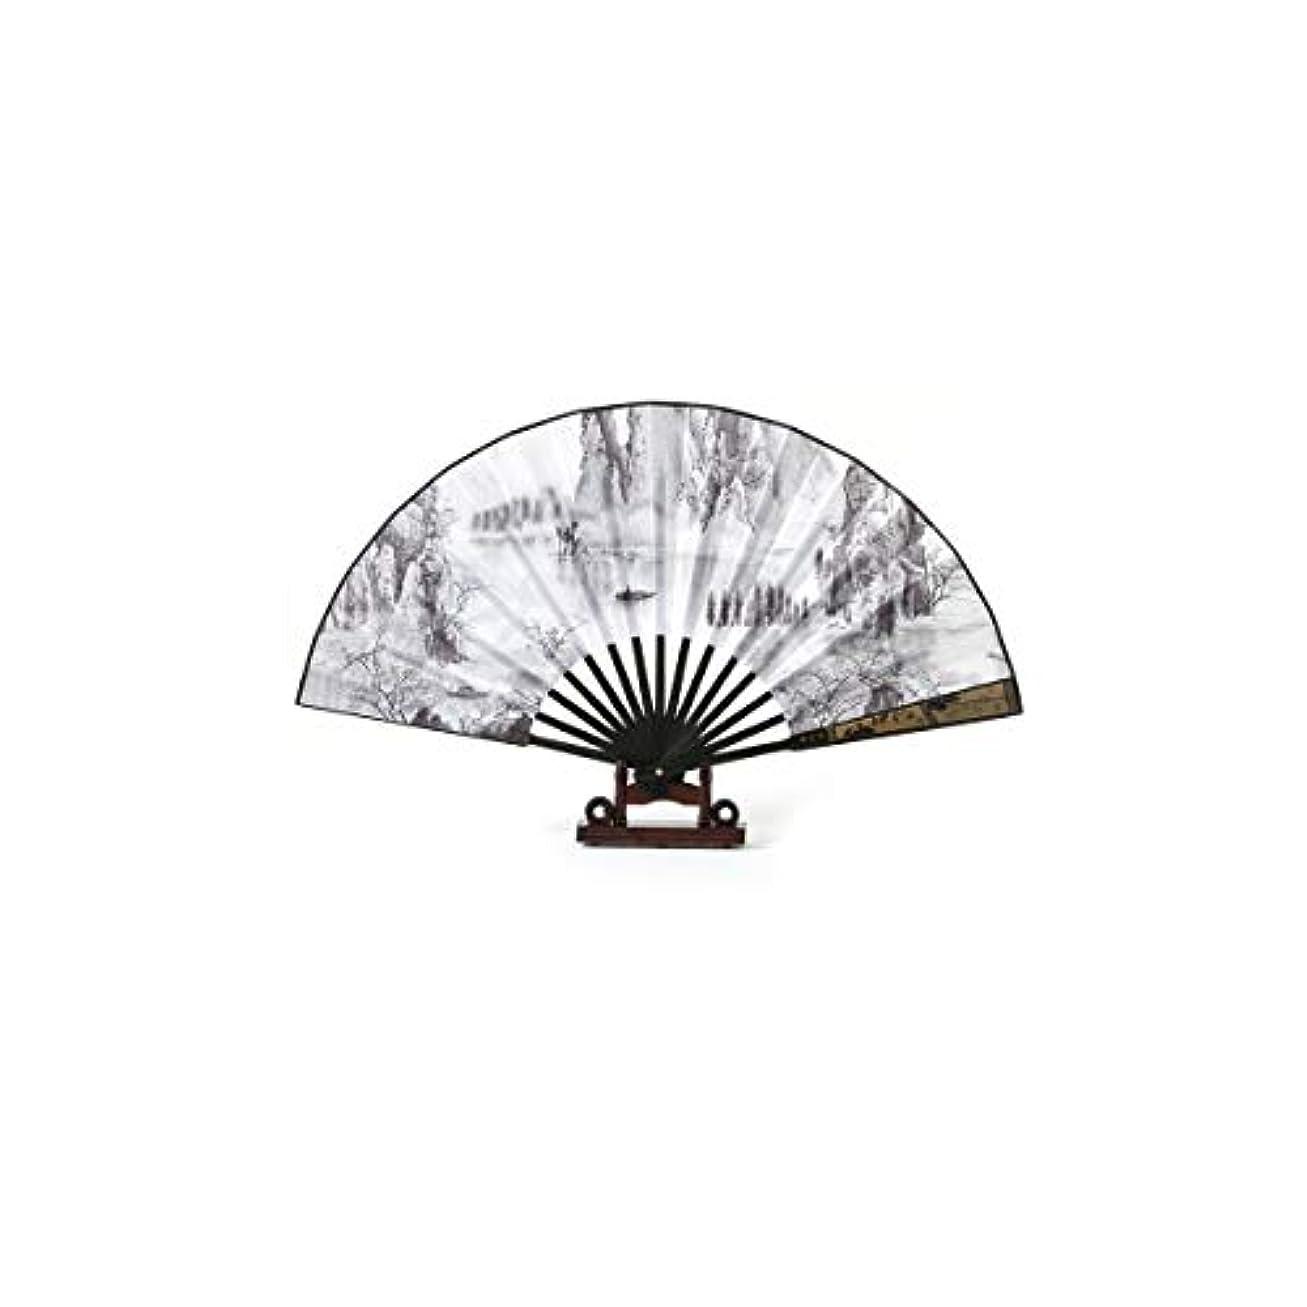 こっそり寛容な買収Chengjinxiang 新清アンティーク扇子、リビングルーム、寝室の装飾、誕生日プレゼント、貴族。,クリエイティブギフト